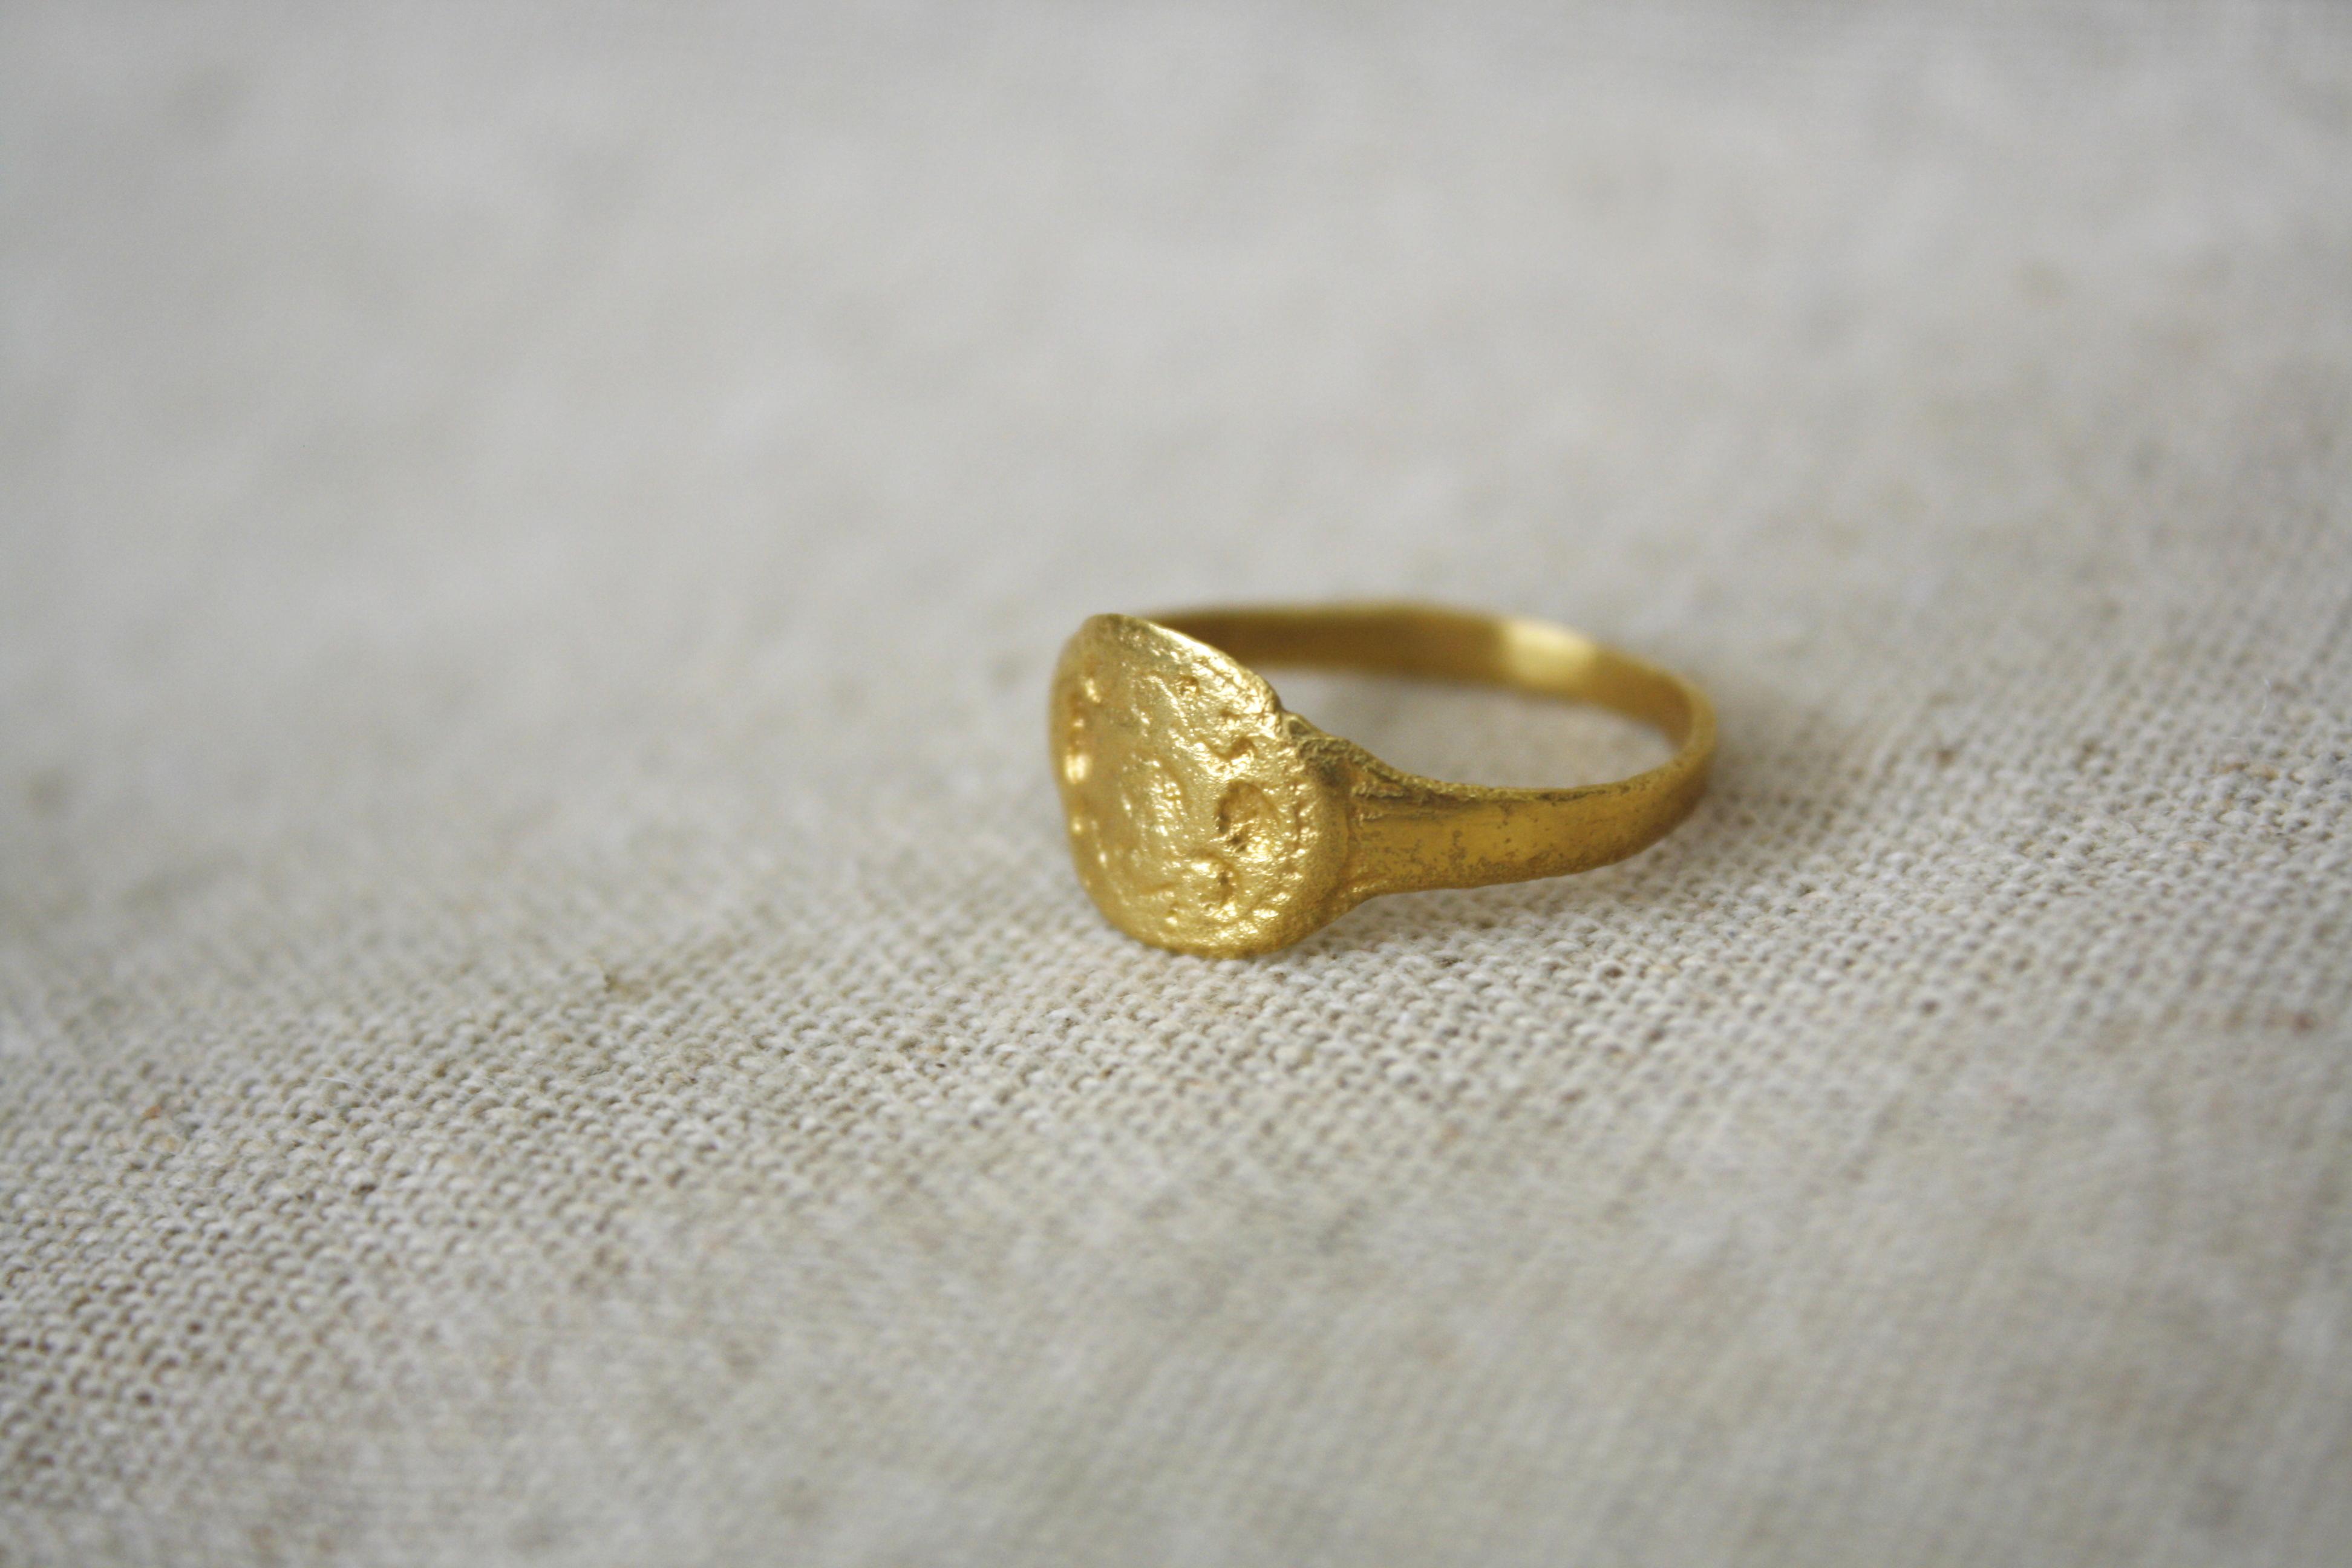 טבעת מכשפה ביער זהב